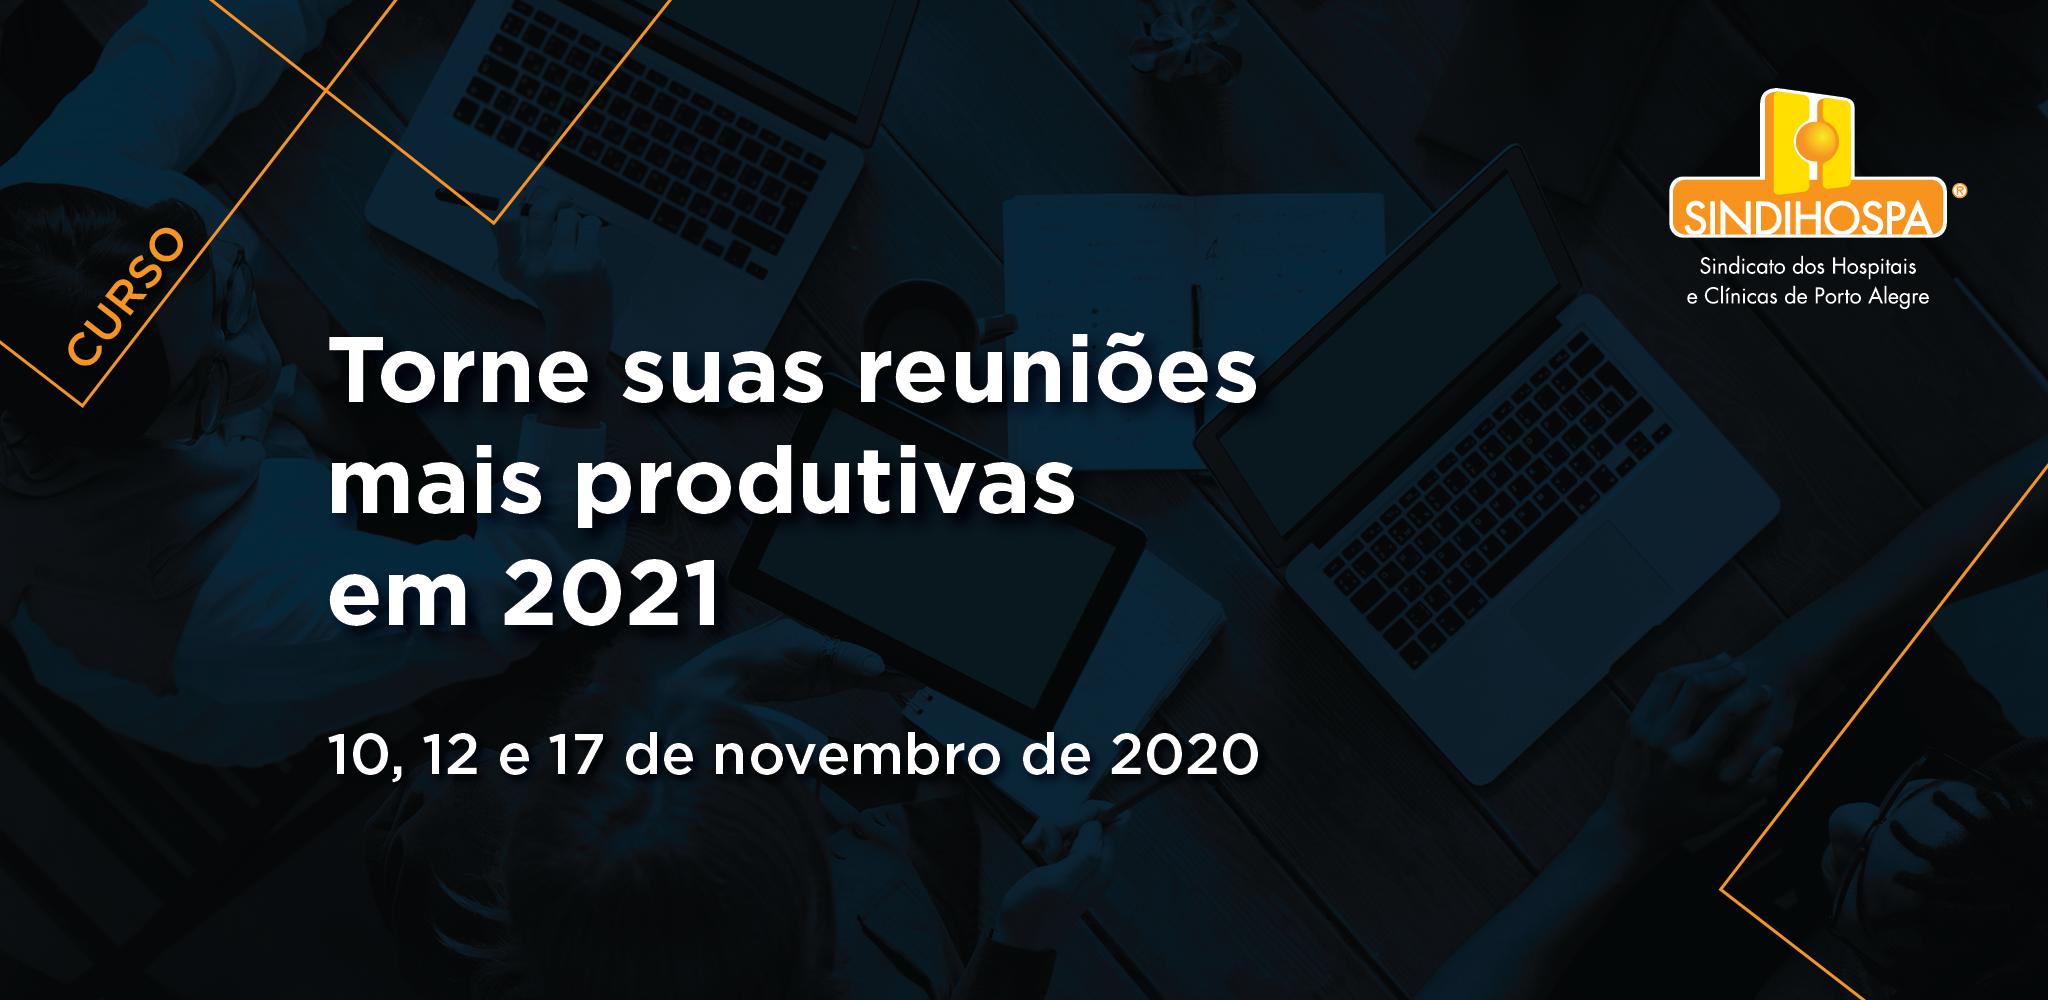 Torne suas Reuniões mais produtivas em 2021